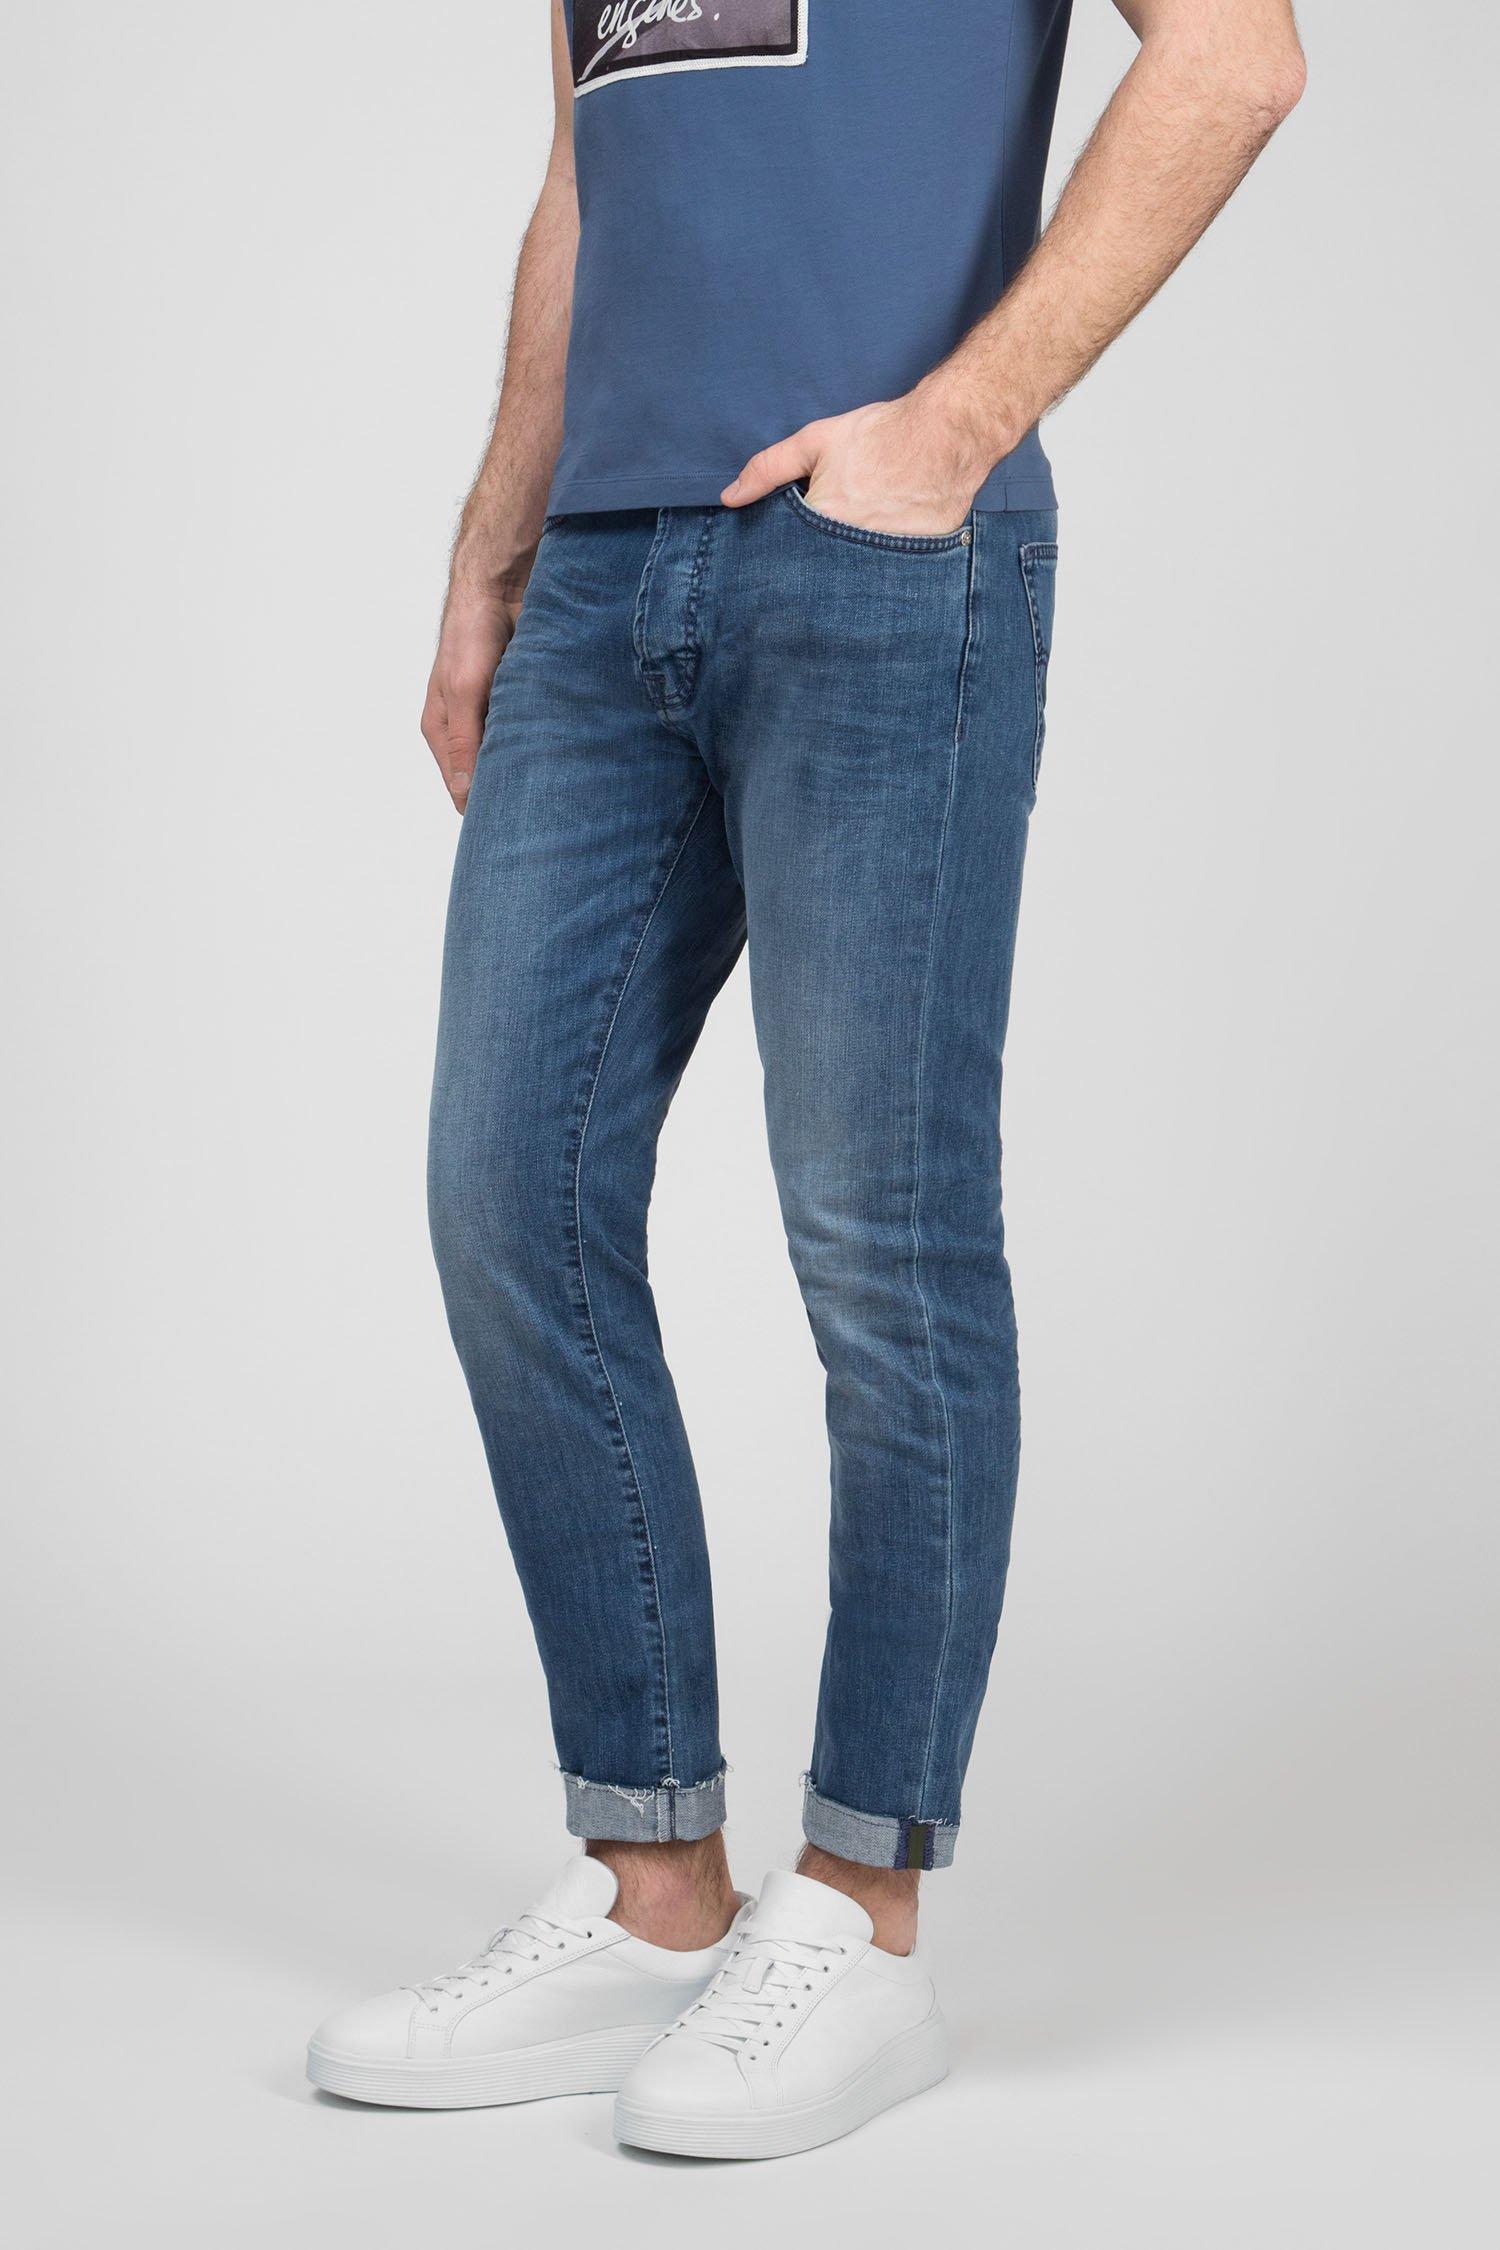 Мужские синие джинсы NORTON CARROT Gas